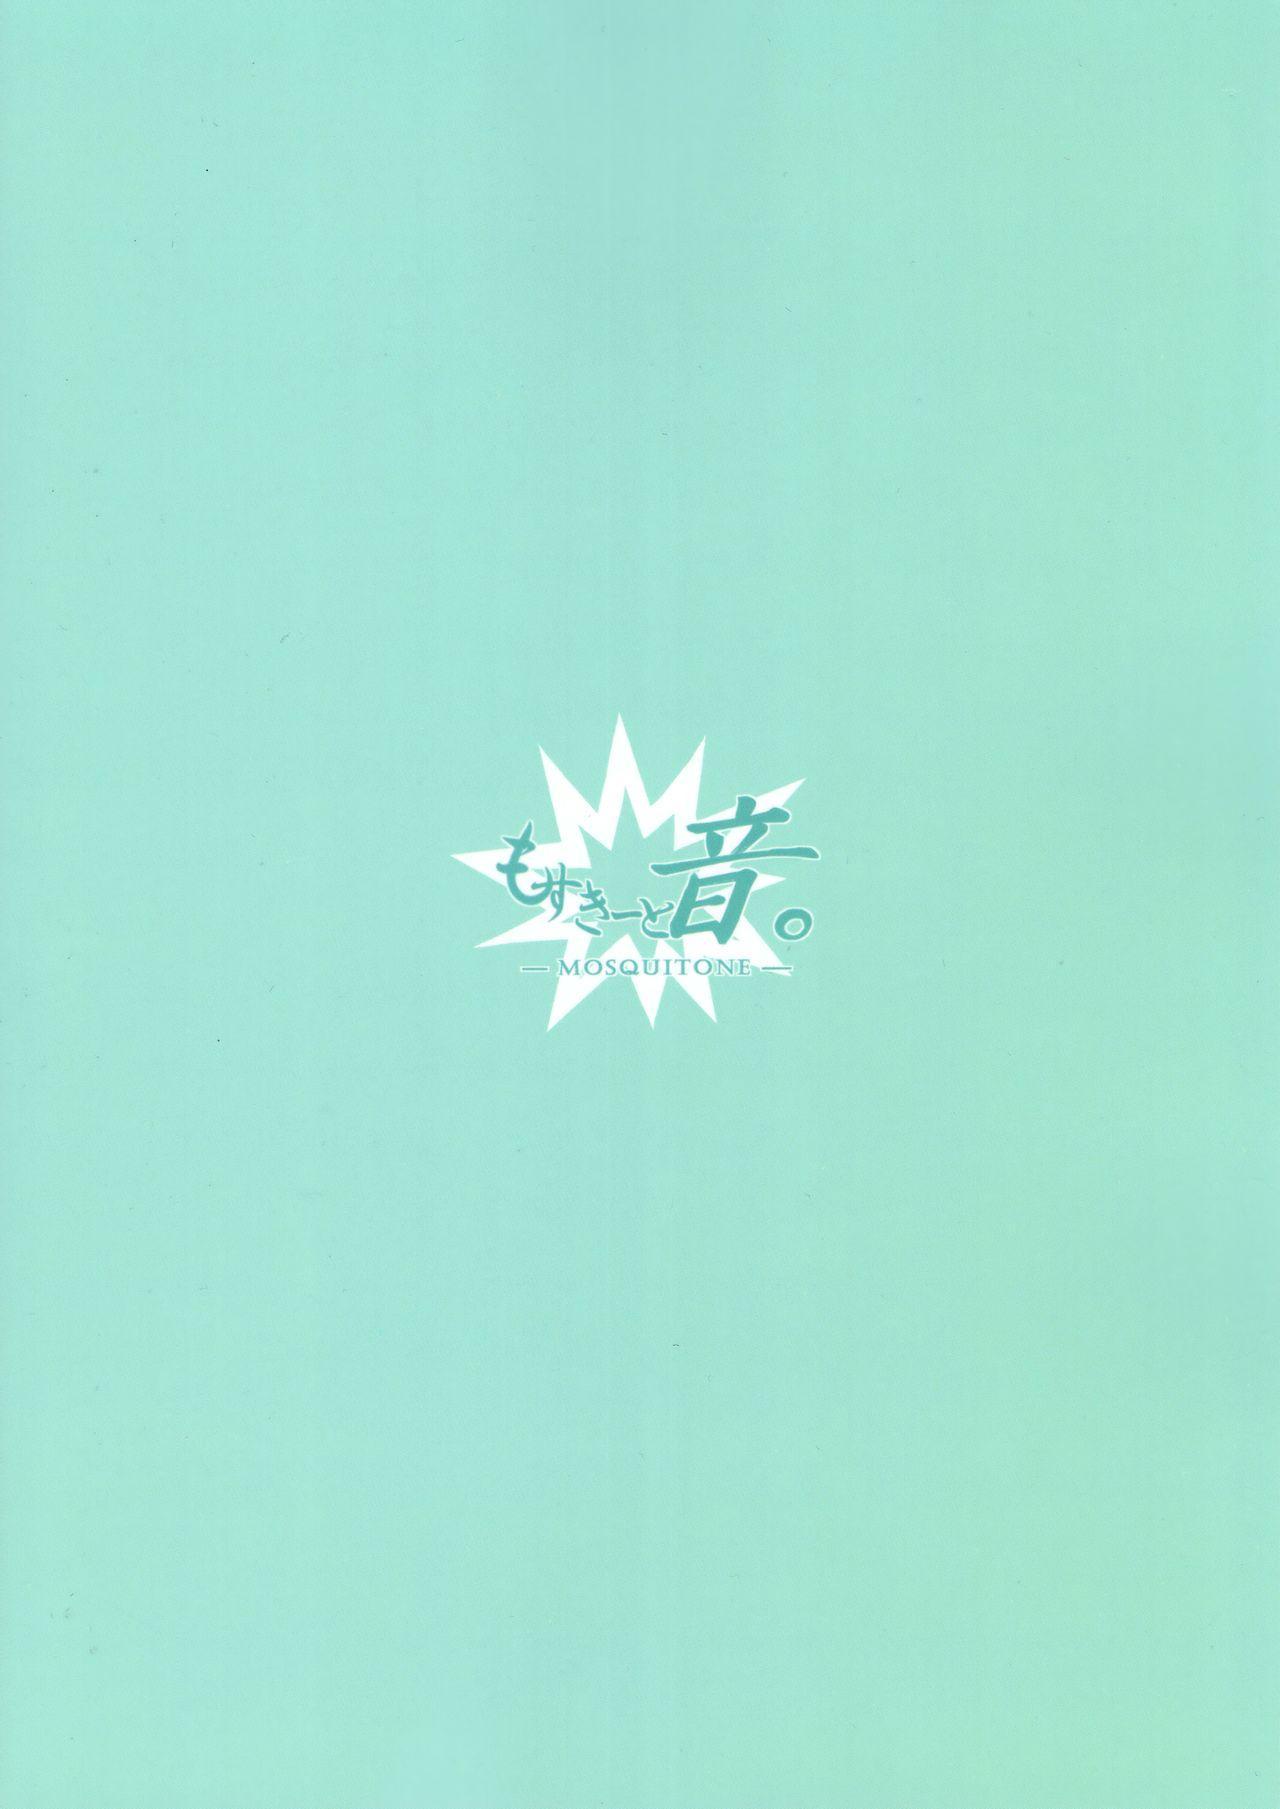 (C96) [MOSQUITONE. (Great Mosu)] OneShota Sakusei Bomber Maid | Onee shota Huge-Titted Cum-draining Bomber Maid (Bomber Girl) [English] =TLL + mrwayne= 21